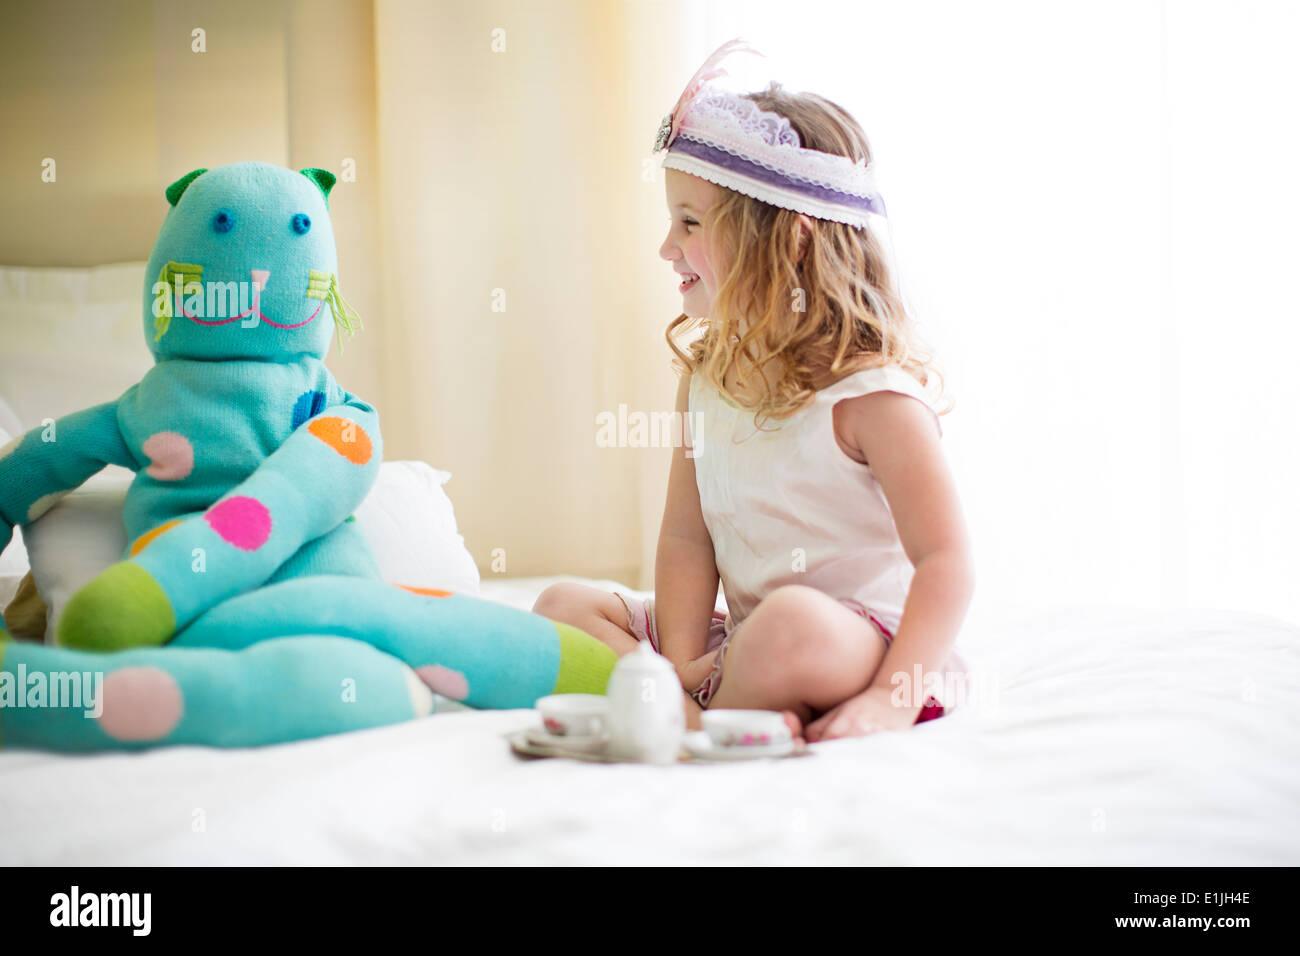 Ragazza giovane la condivisione di tè con peluche sul letto Immagini Stock